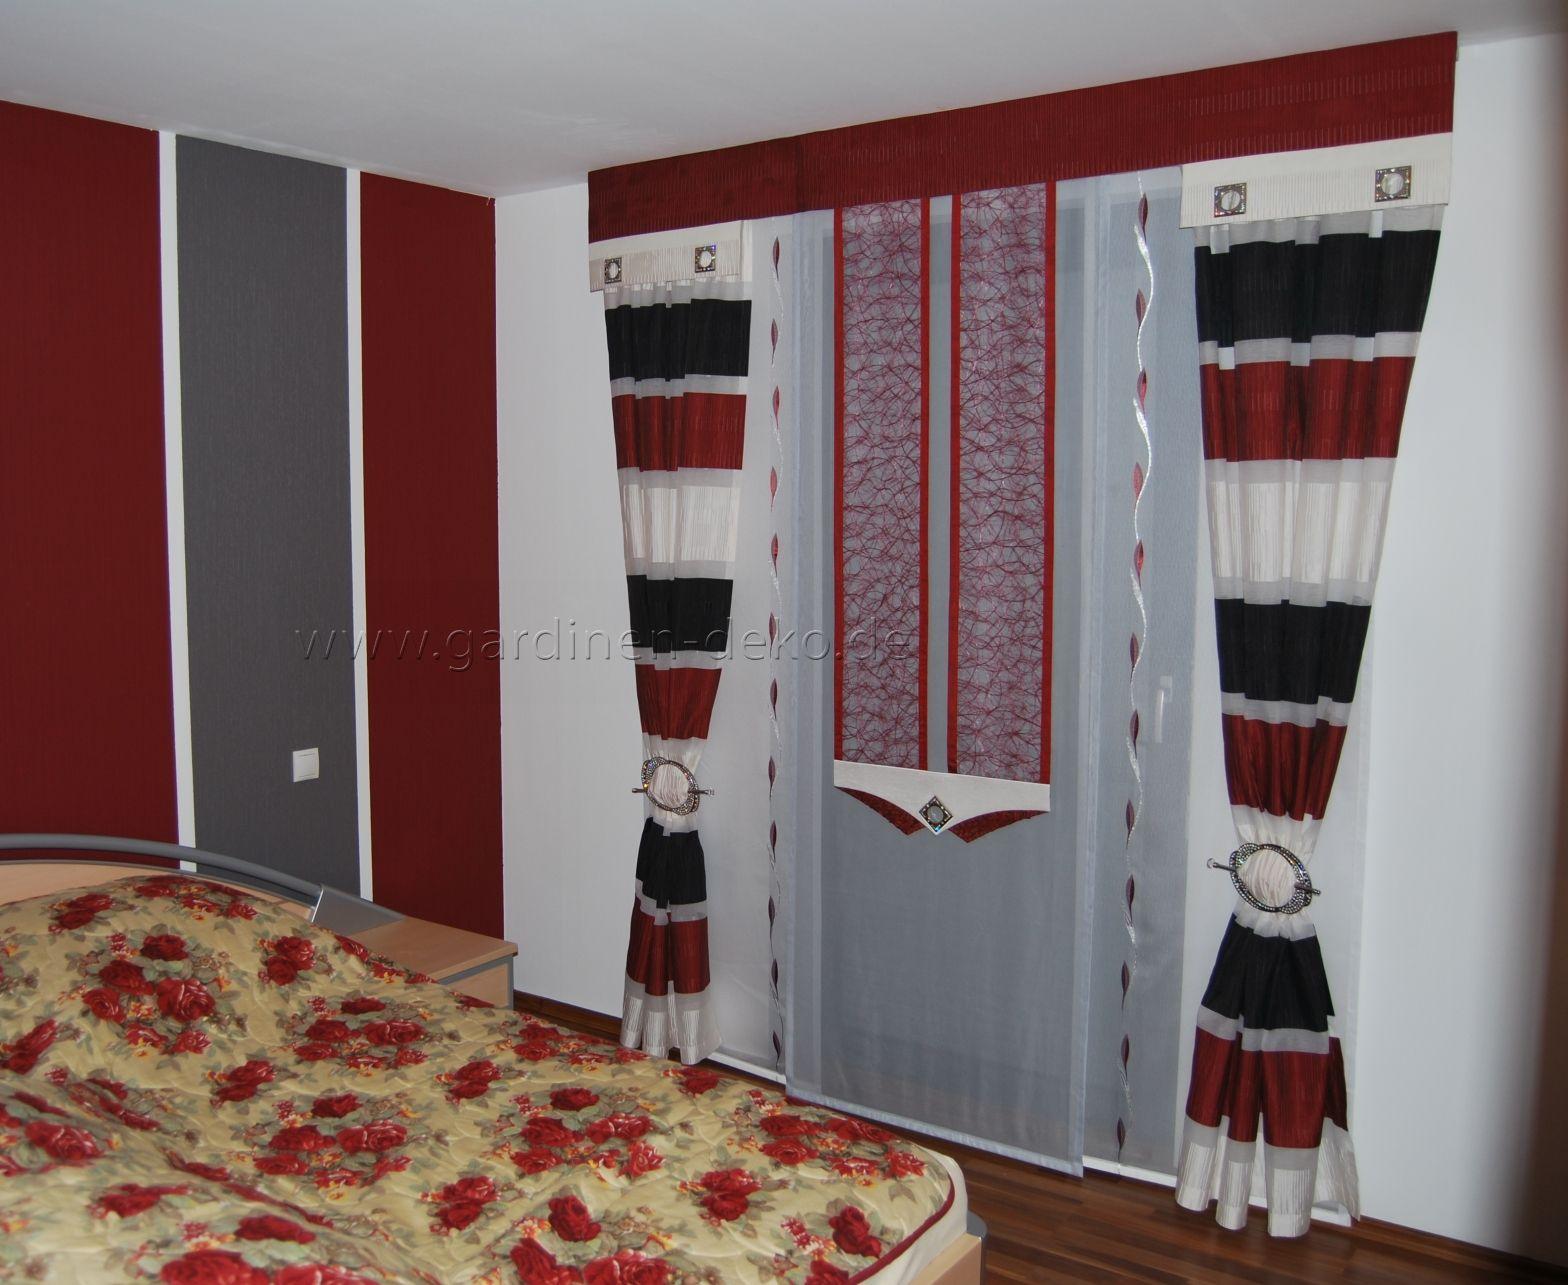 Moderne Schlafzimmer Schiebegardine In Rotweißschwarz